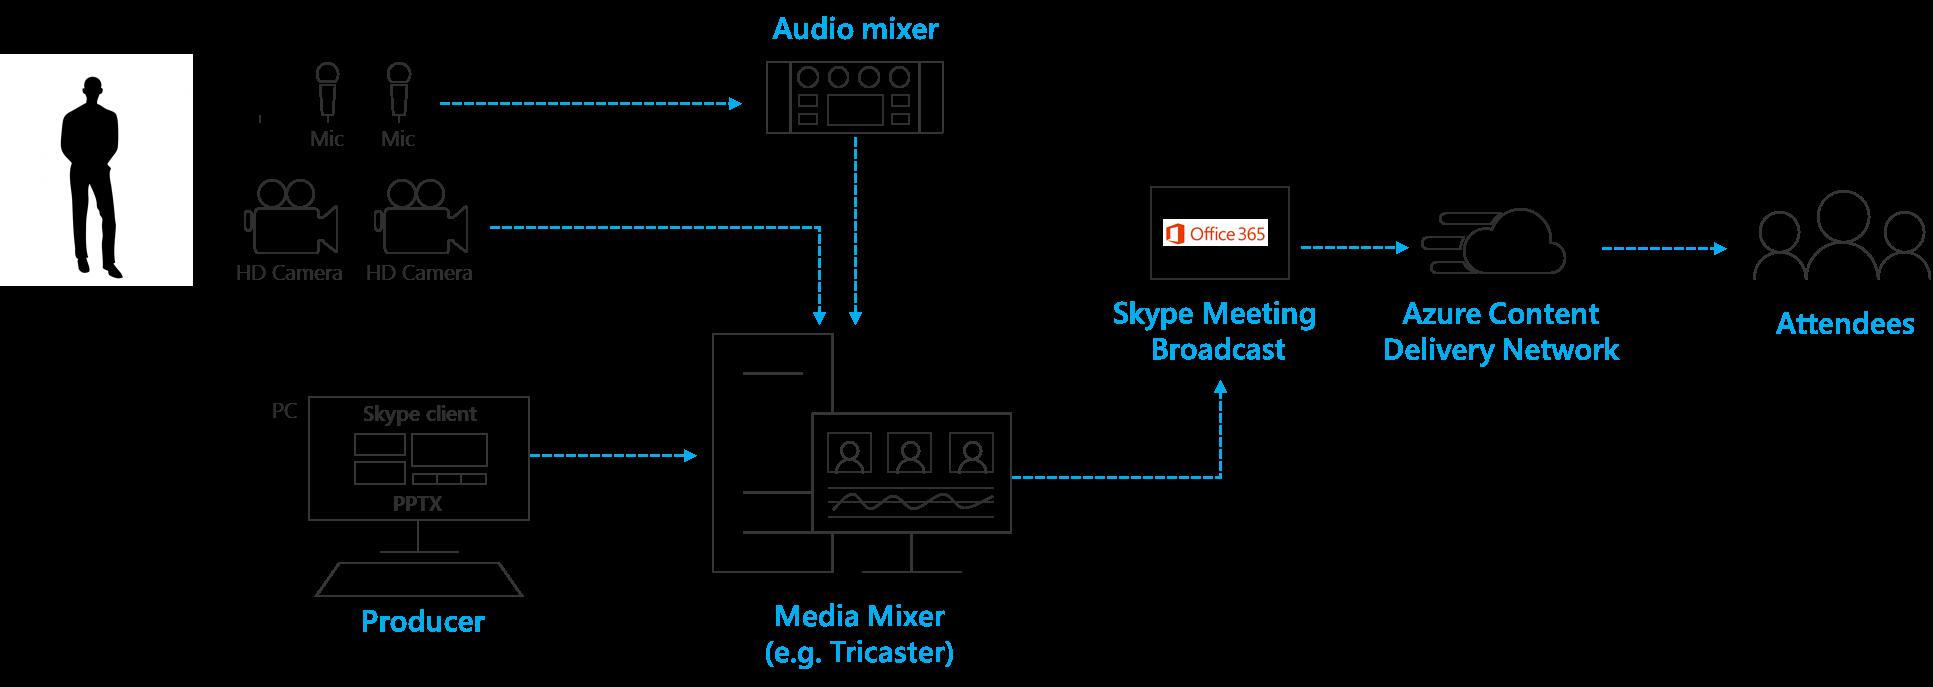 Skifte flere kilder i en hardware syn mixer